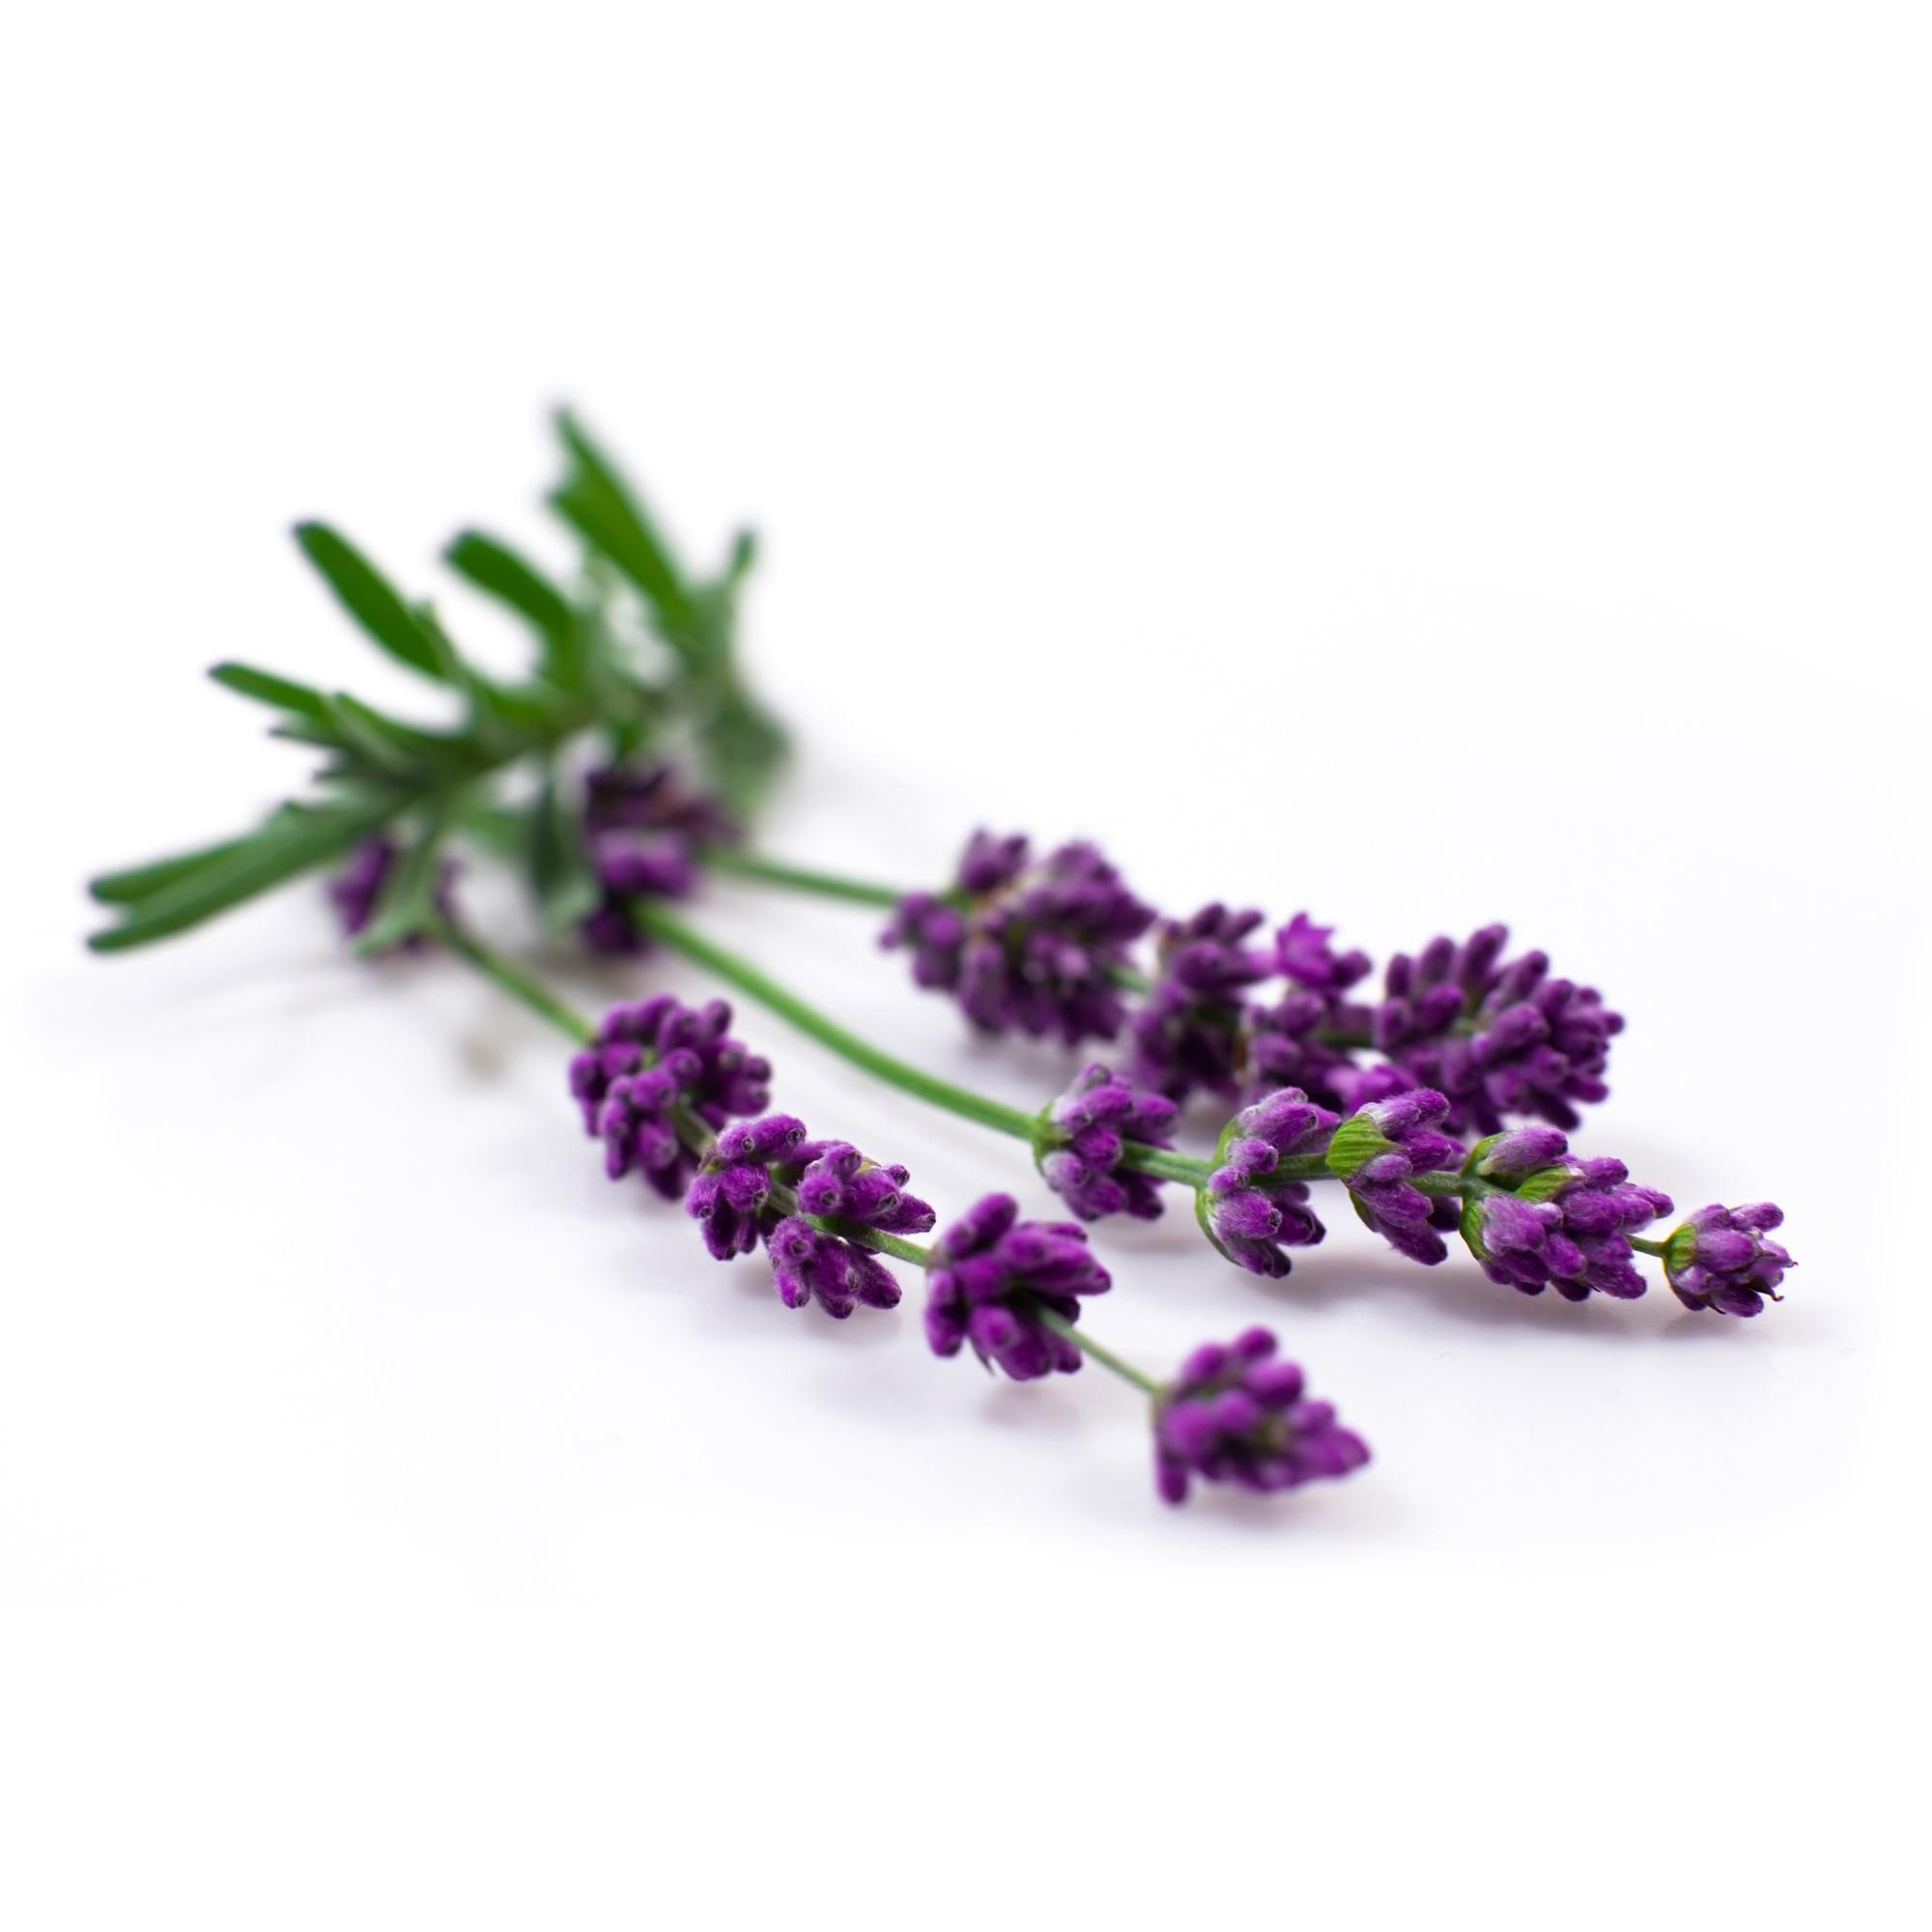 Bio Yogamatten-Reiniger - fresh lavender - 50 ml